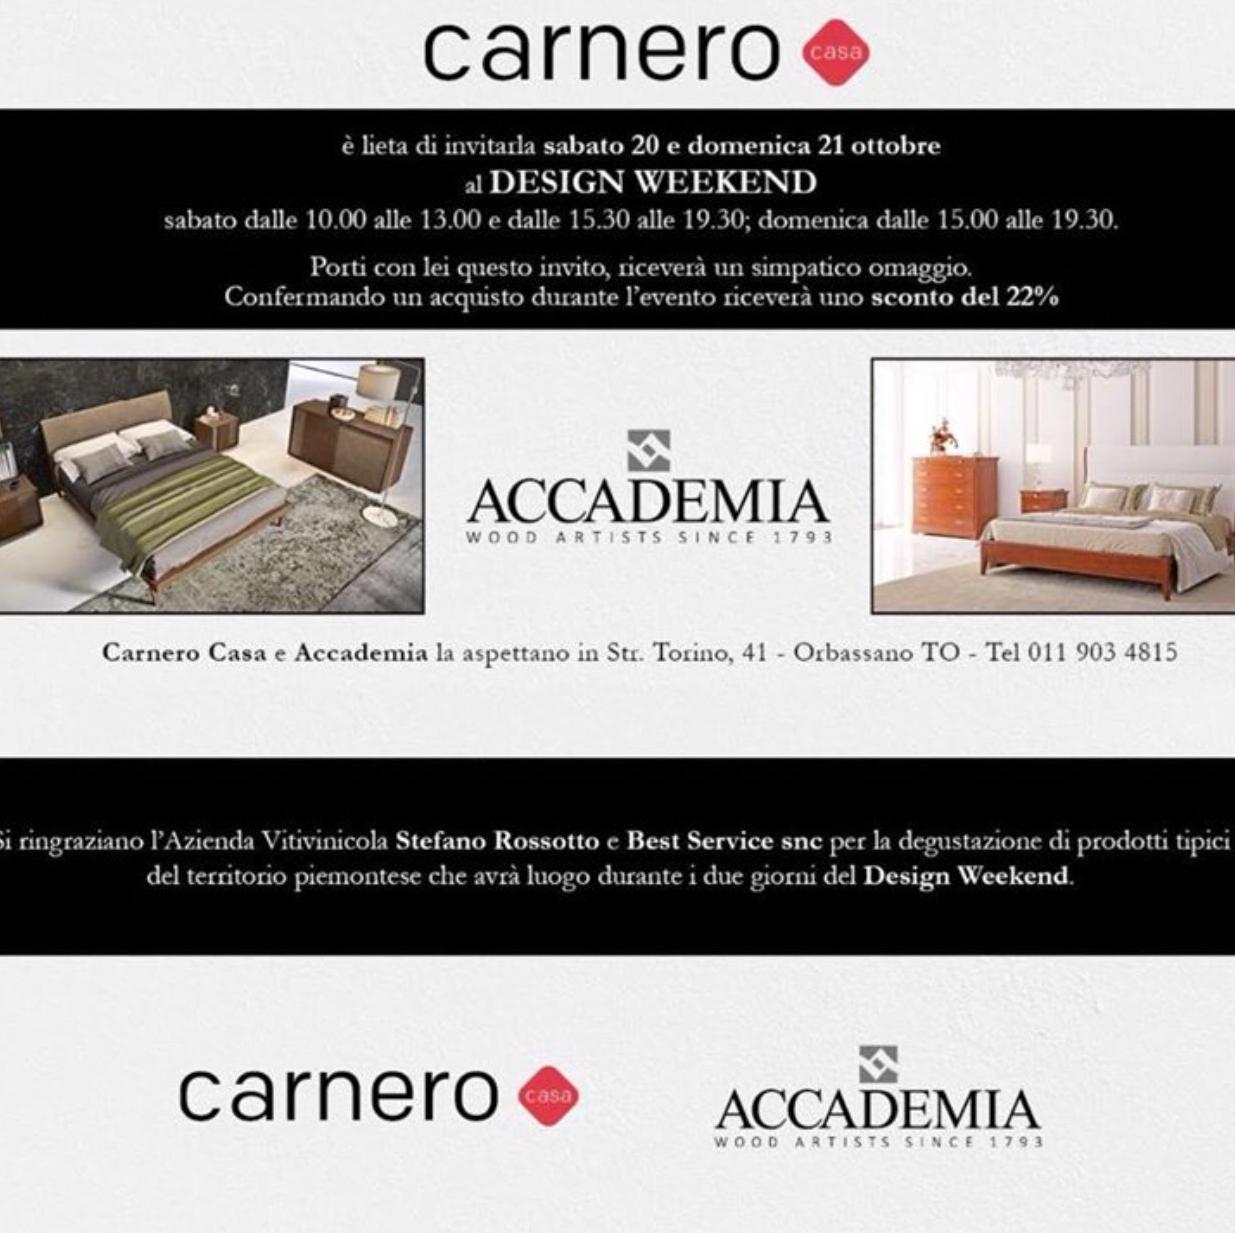 Carnero Casa, Negozio di mobili Orbassano, Arredamenti e design Torino